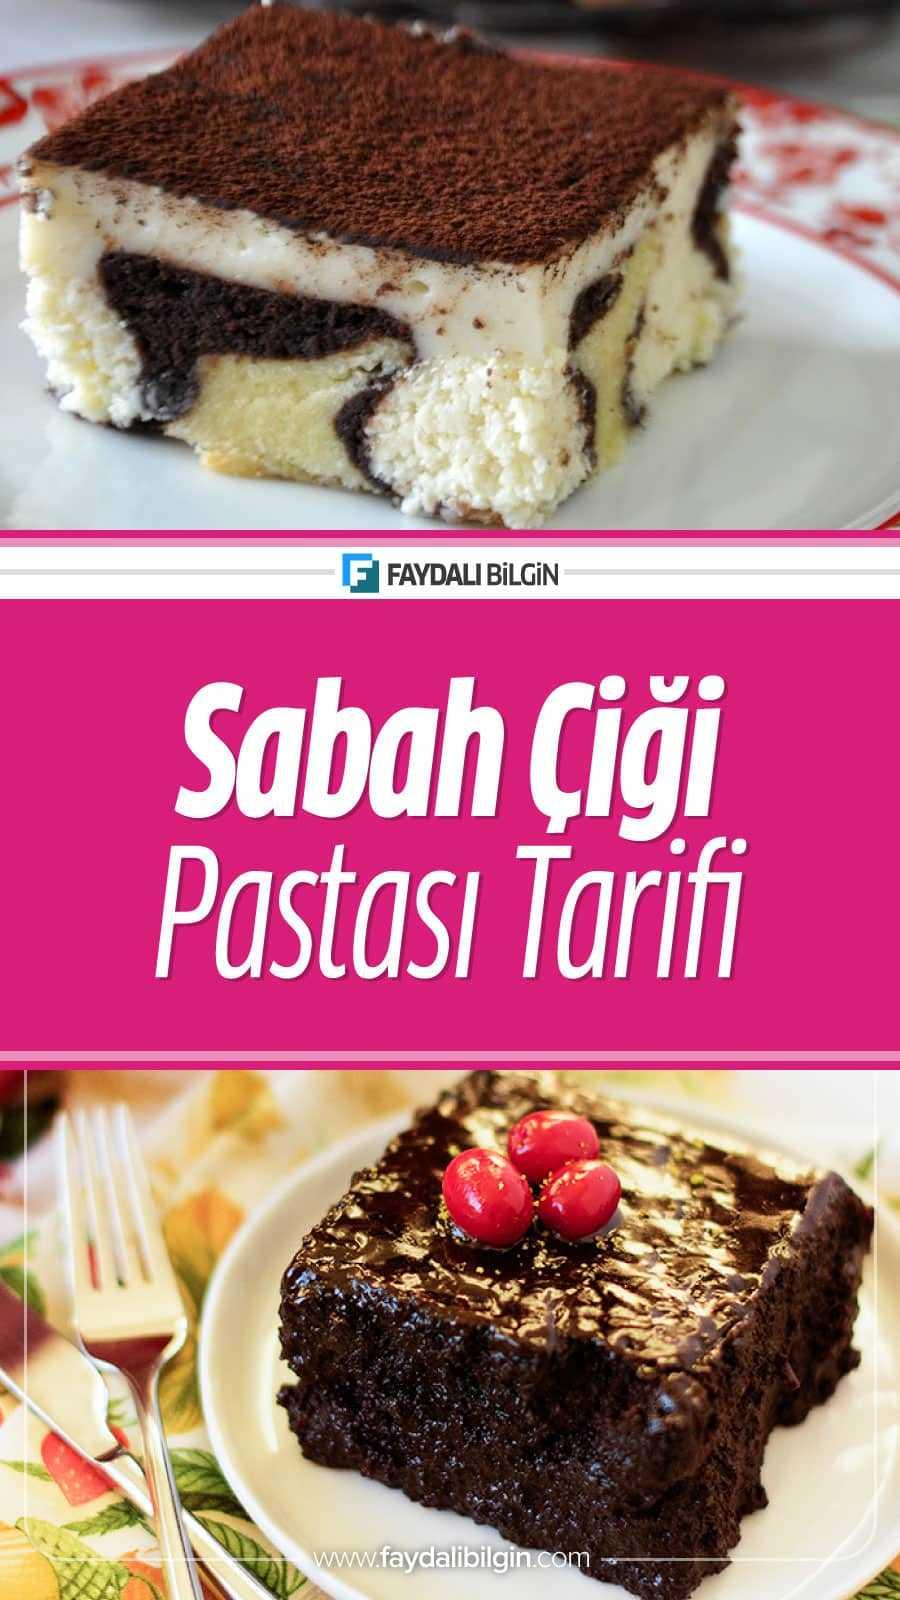 Sabah Çiyi Pastası Tarifi Nasıl Yapılır?